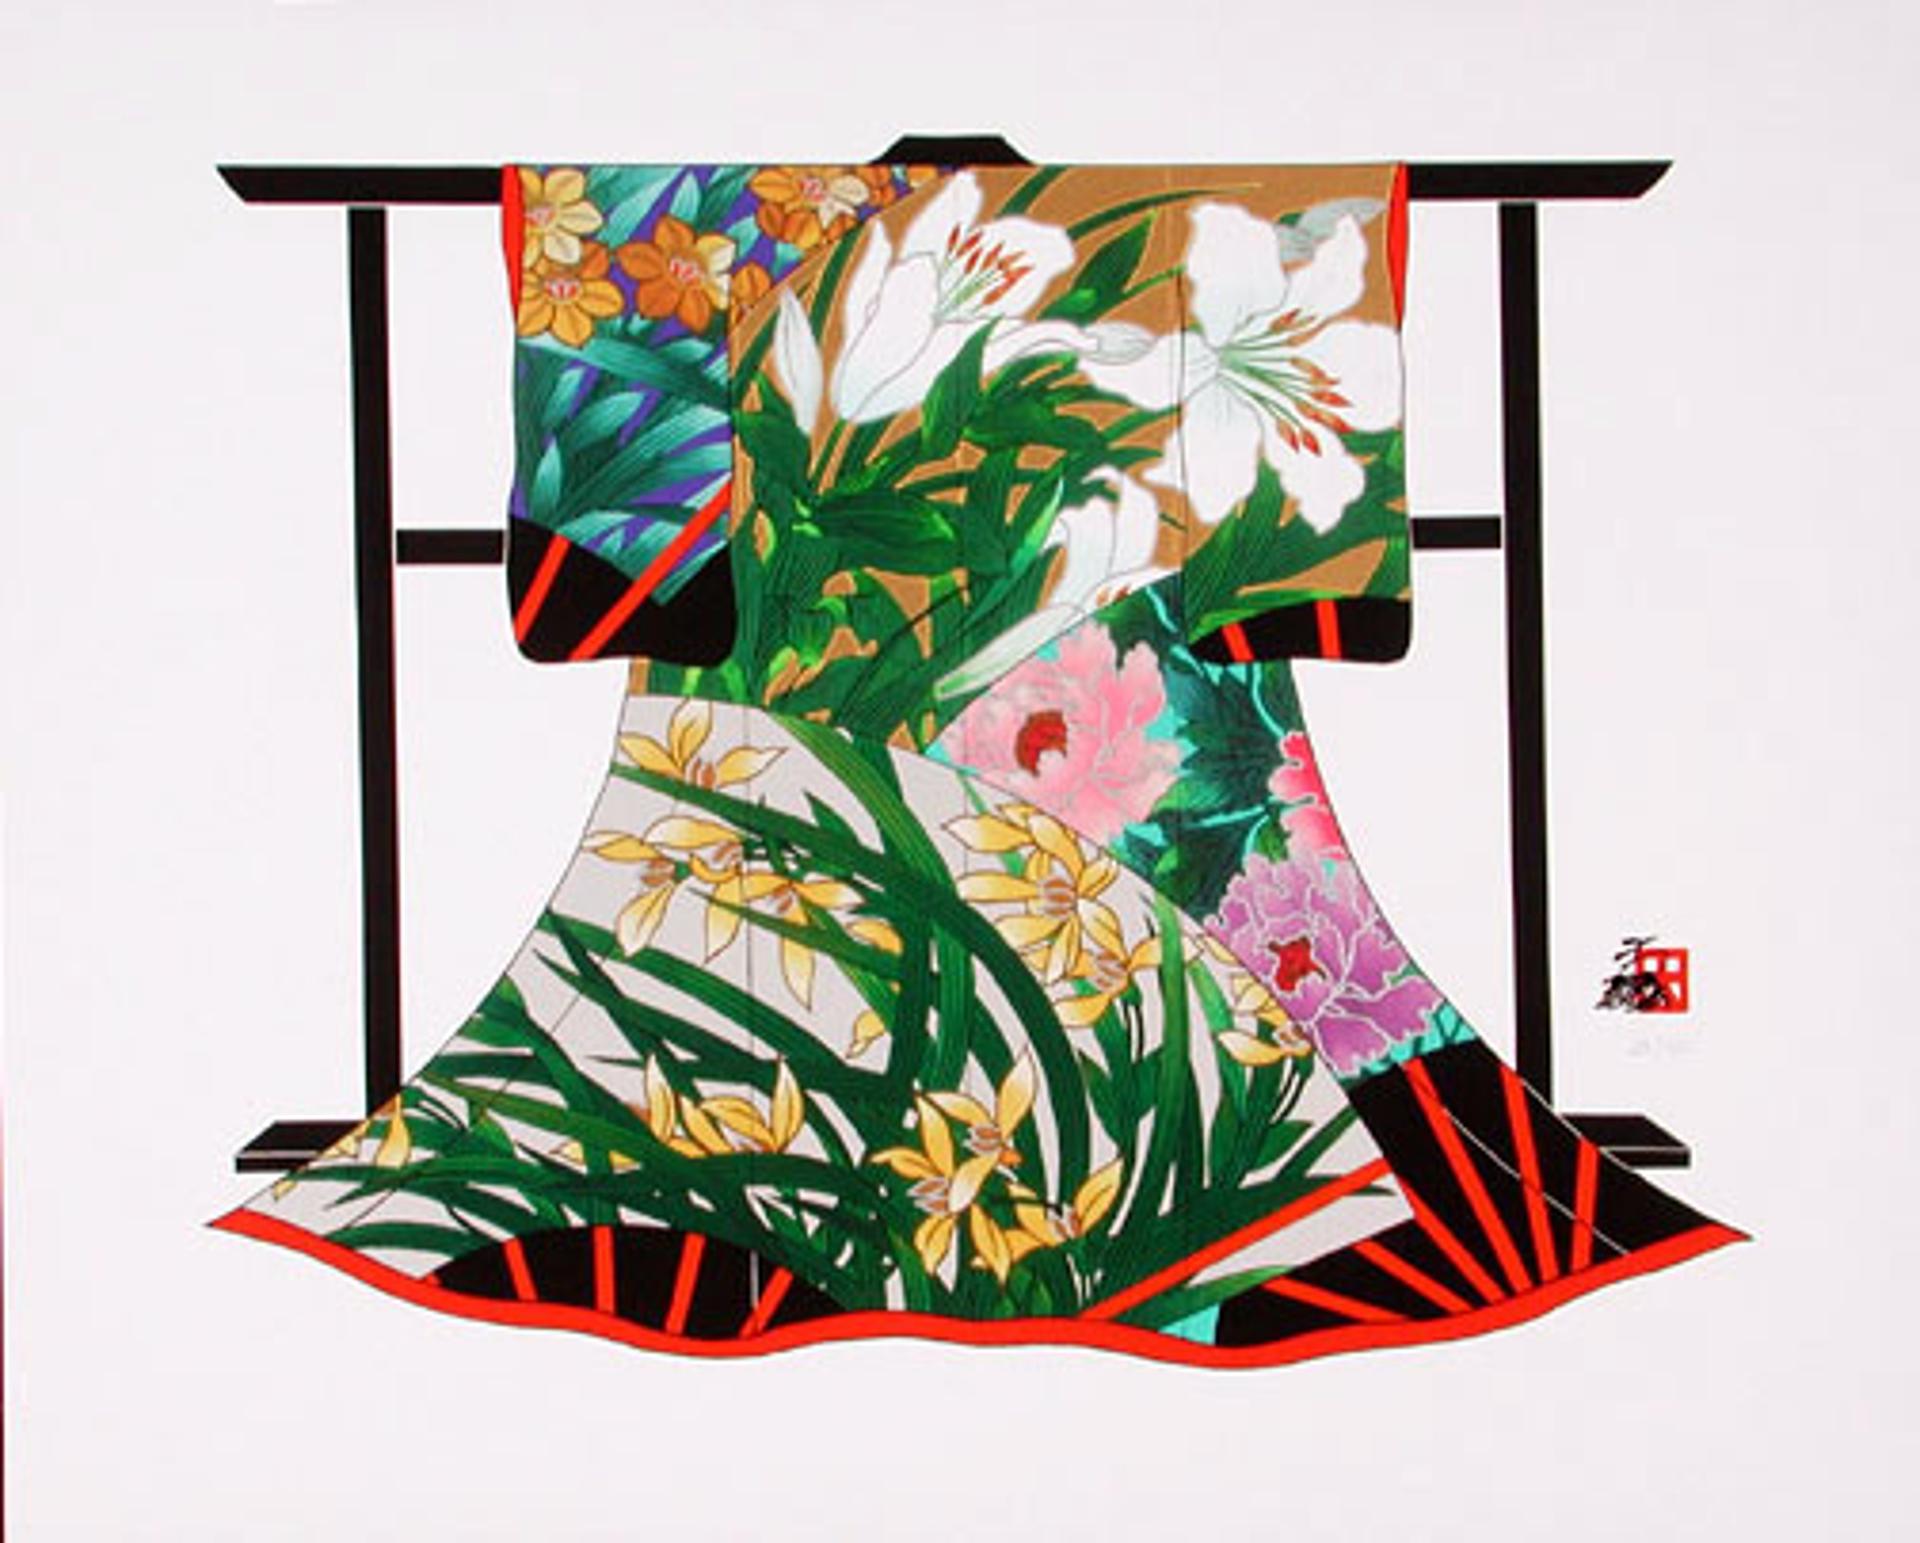 Summer Lilies by Hisashi Otsuka